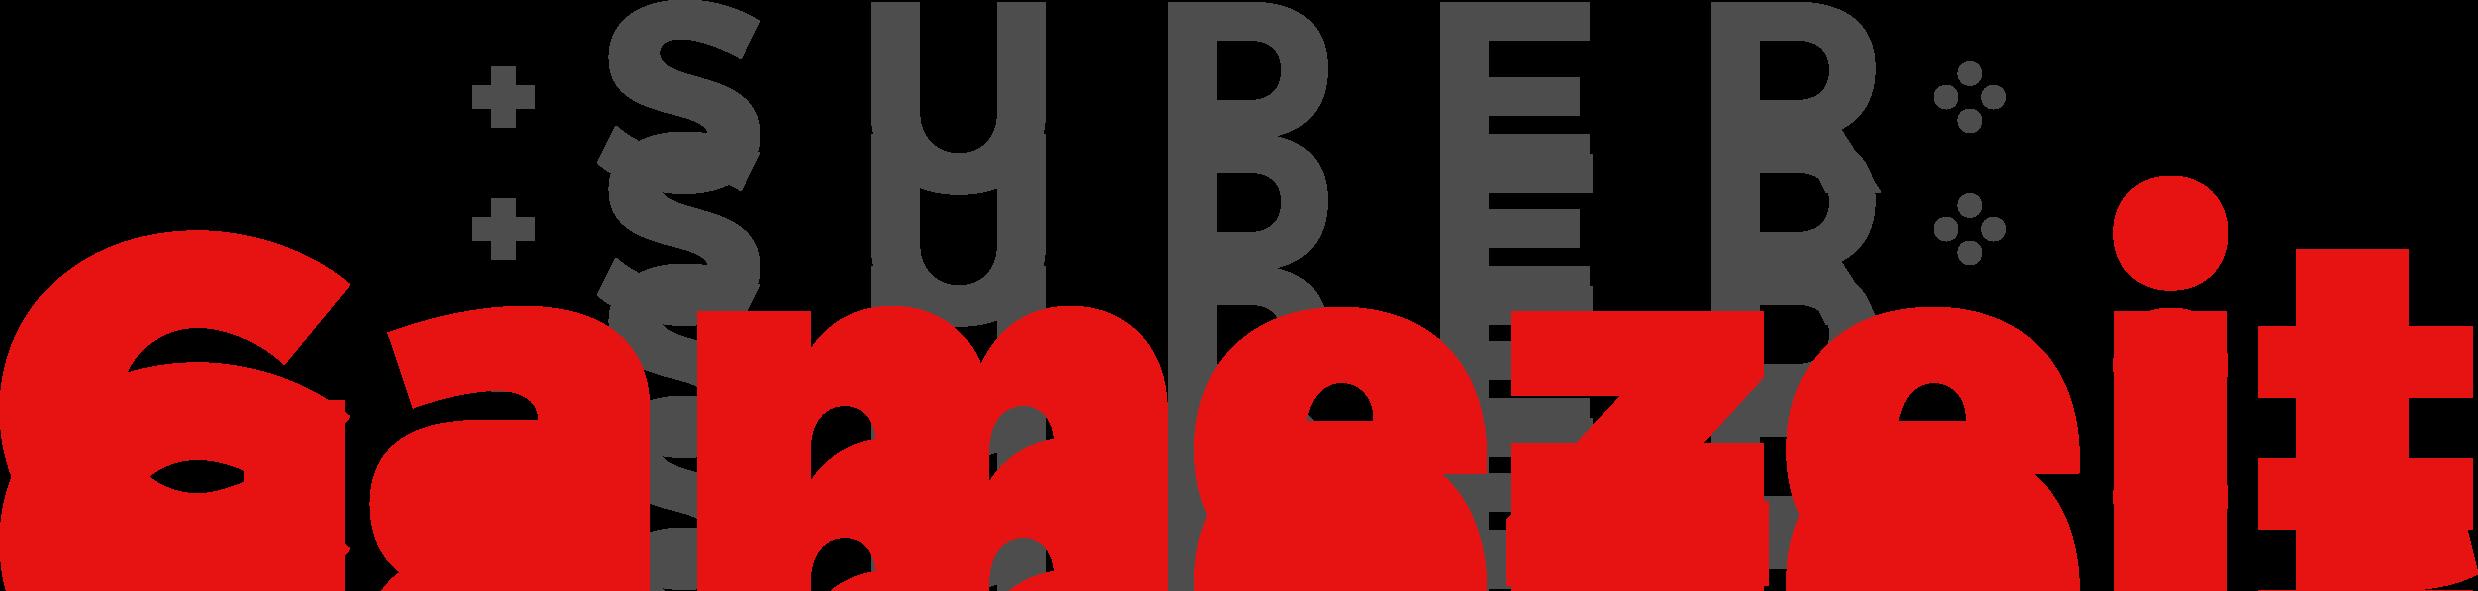 Create a logo for an upstart Video Game editorial website